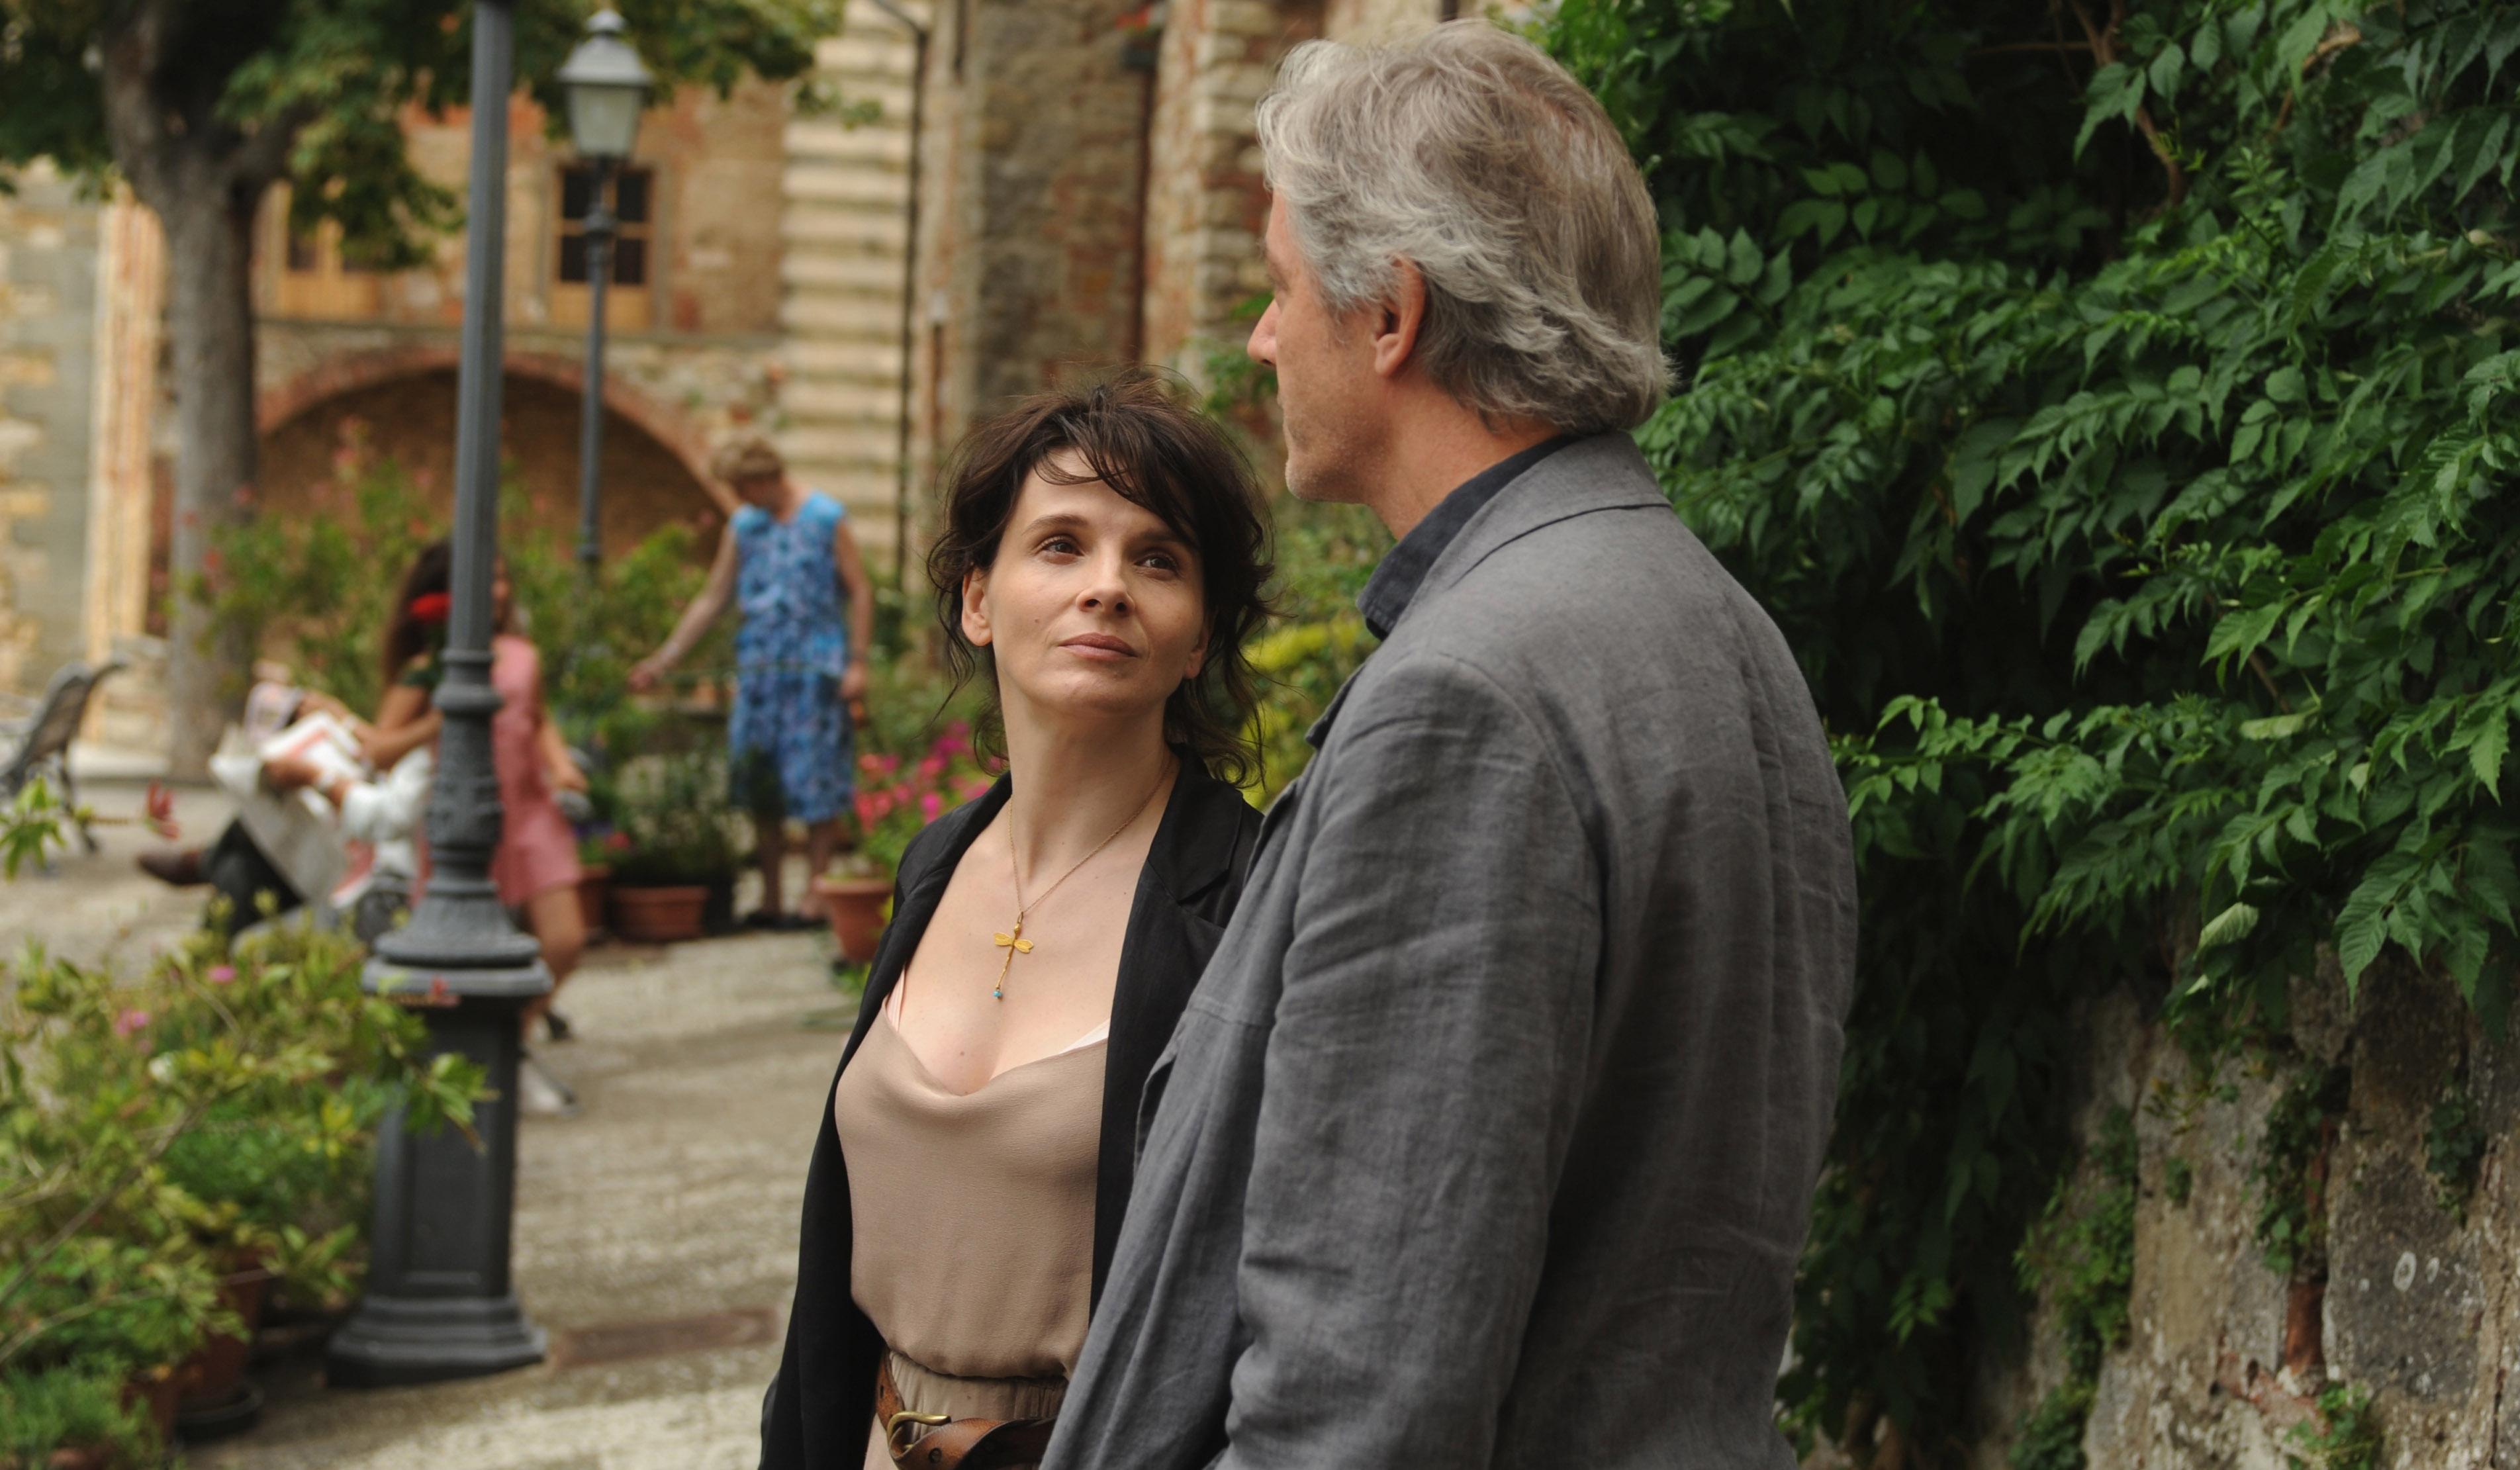 Toskania w filmach. Zapiski z Toskanii